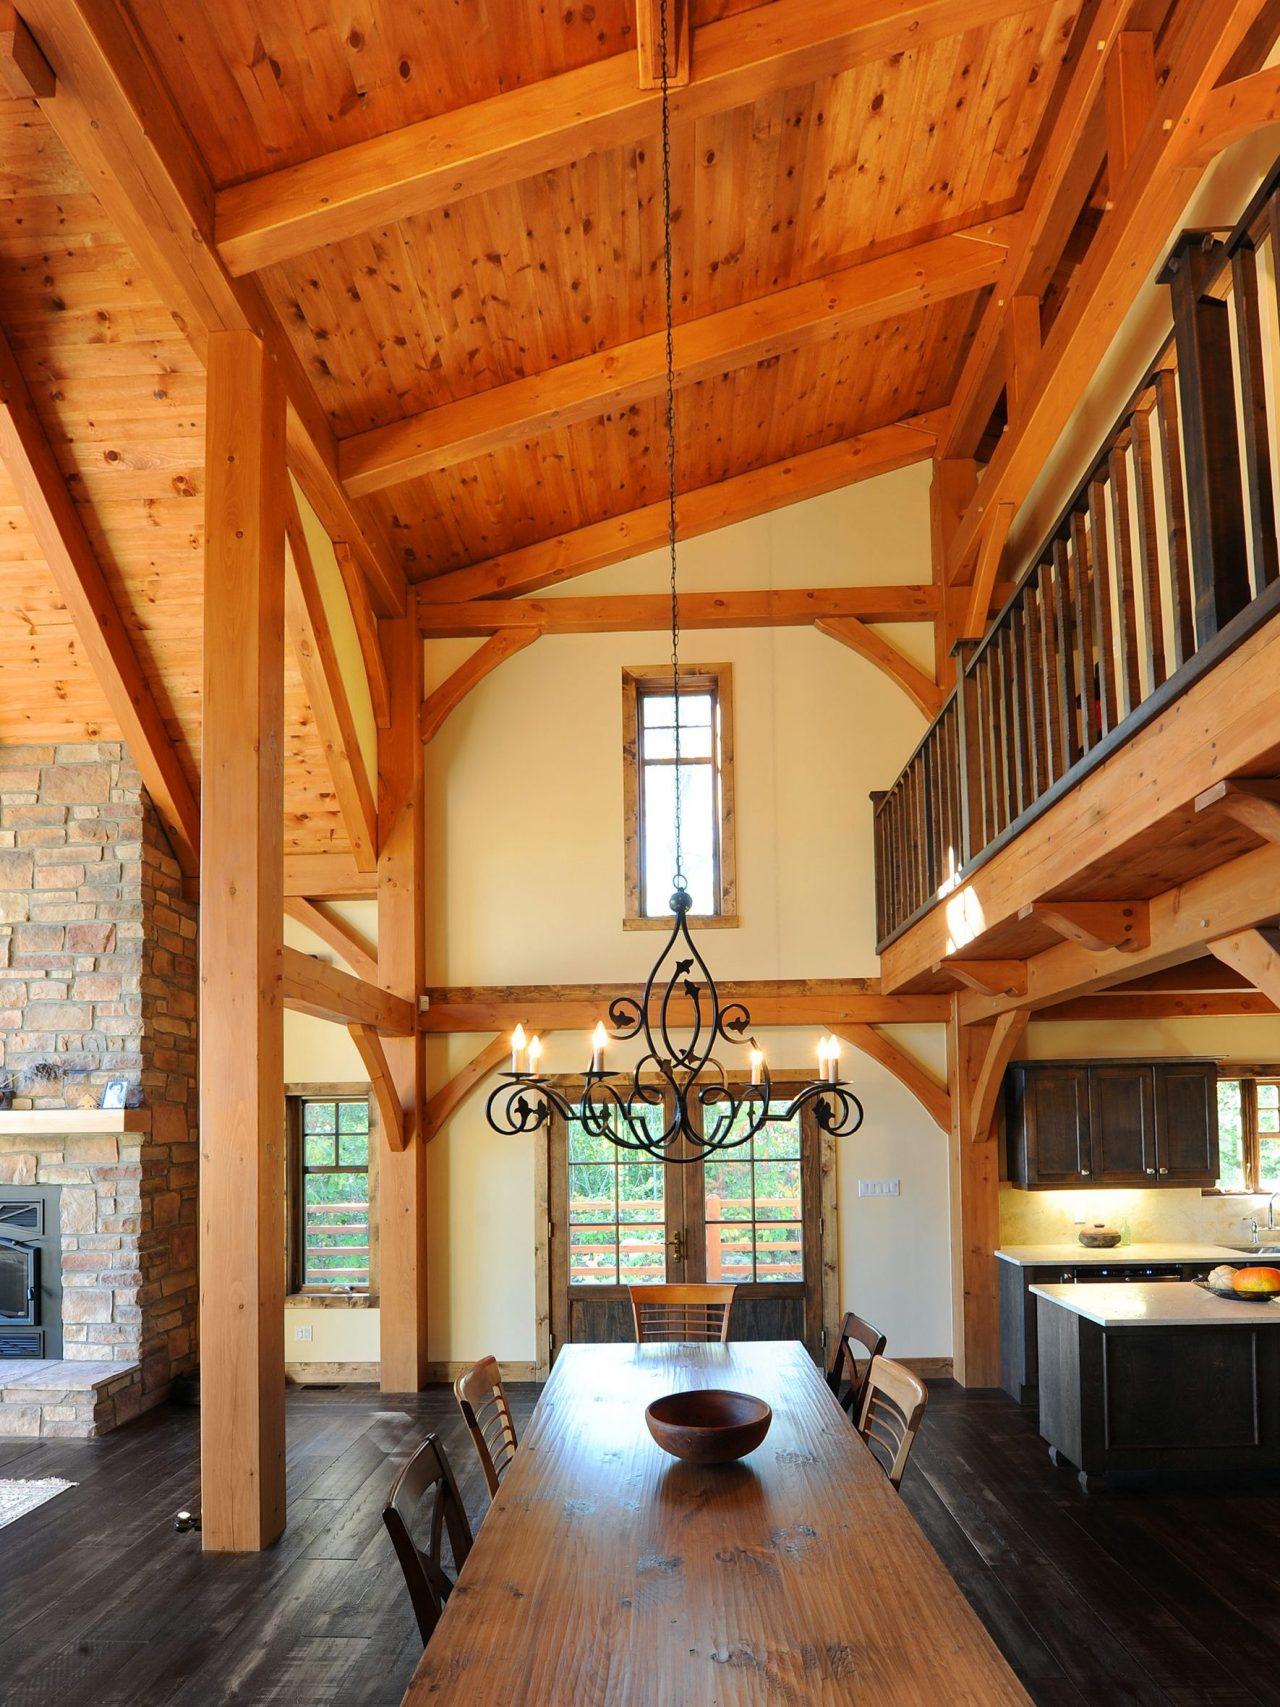 kalmia realisation classique kyo interieur timberframe 3